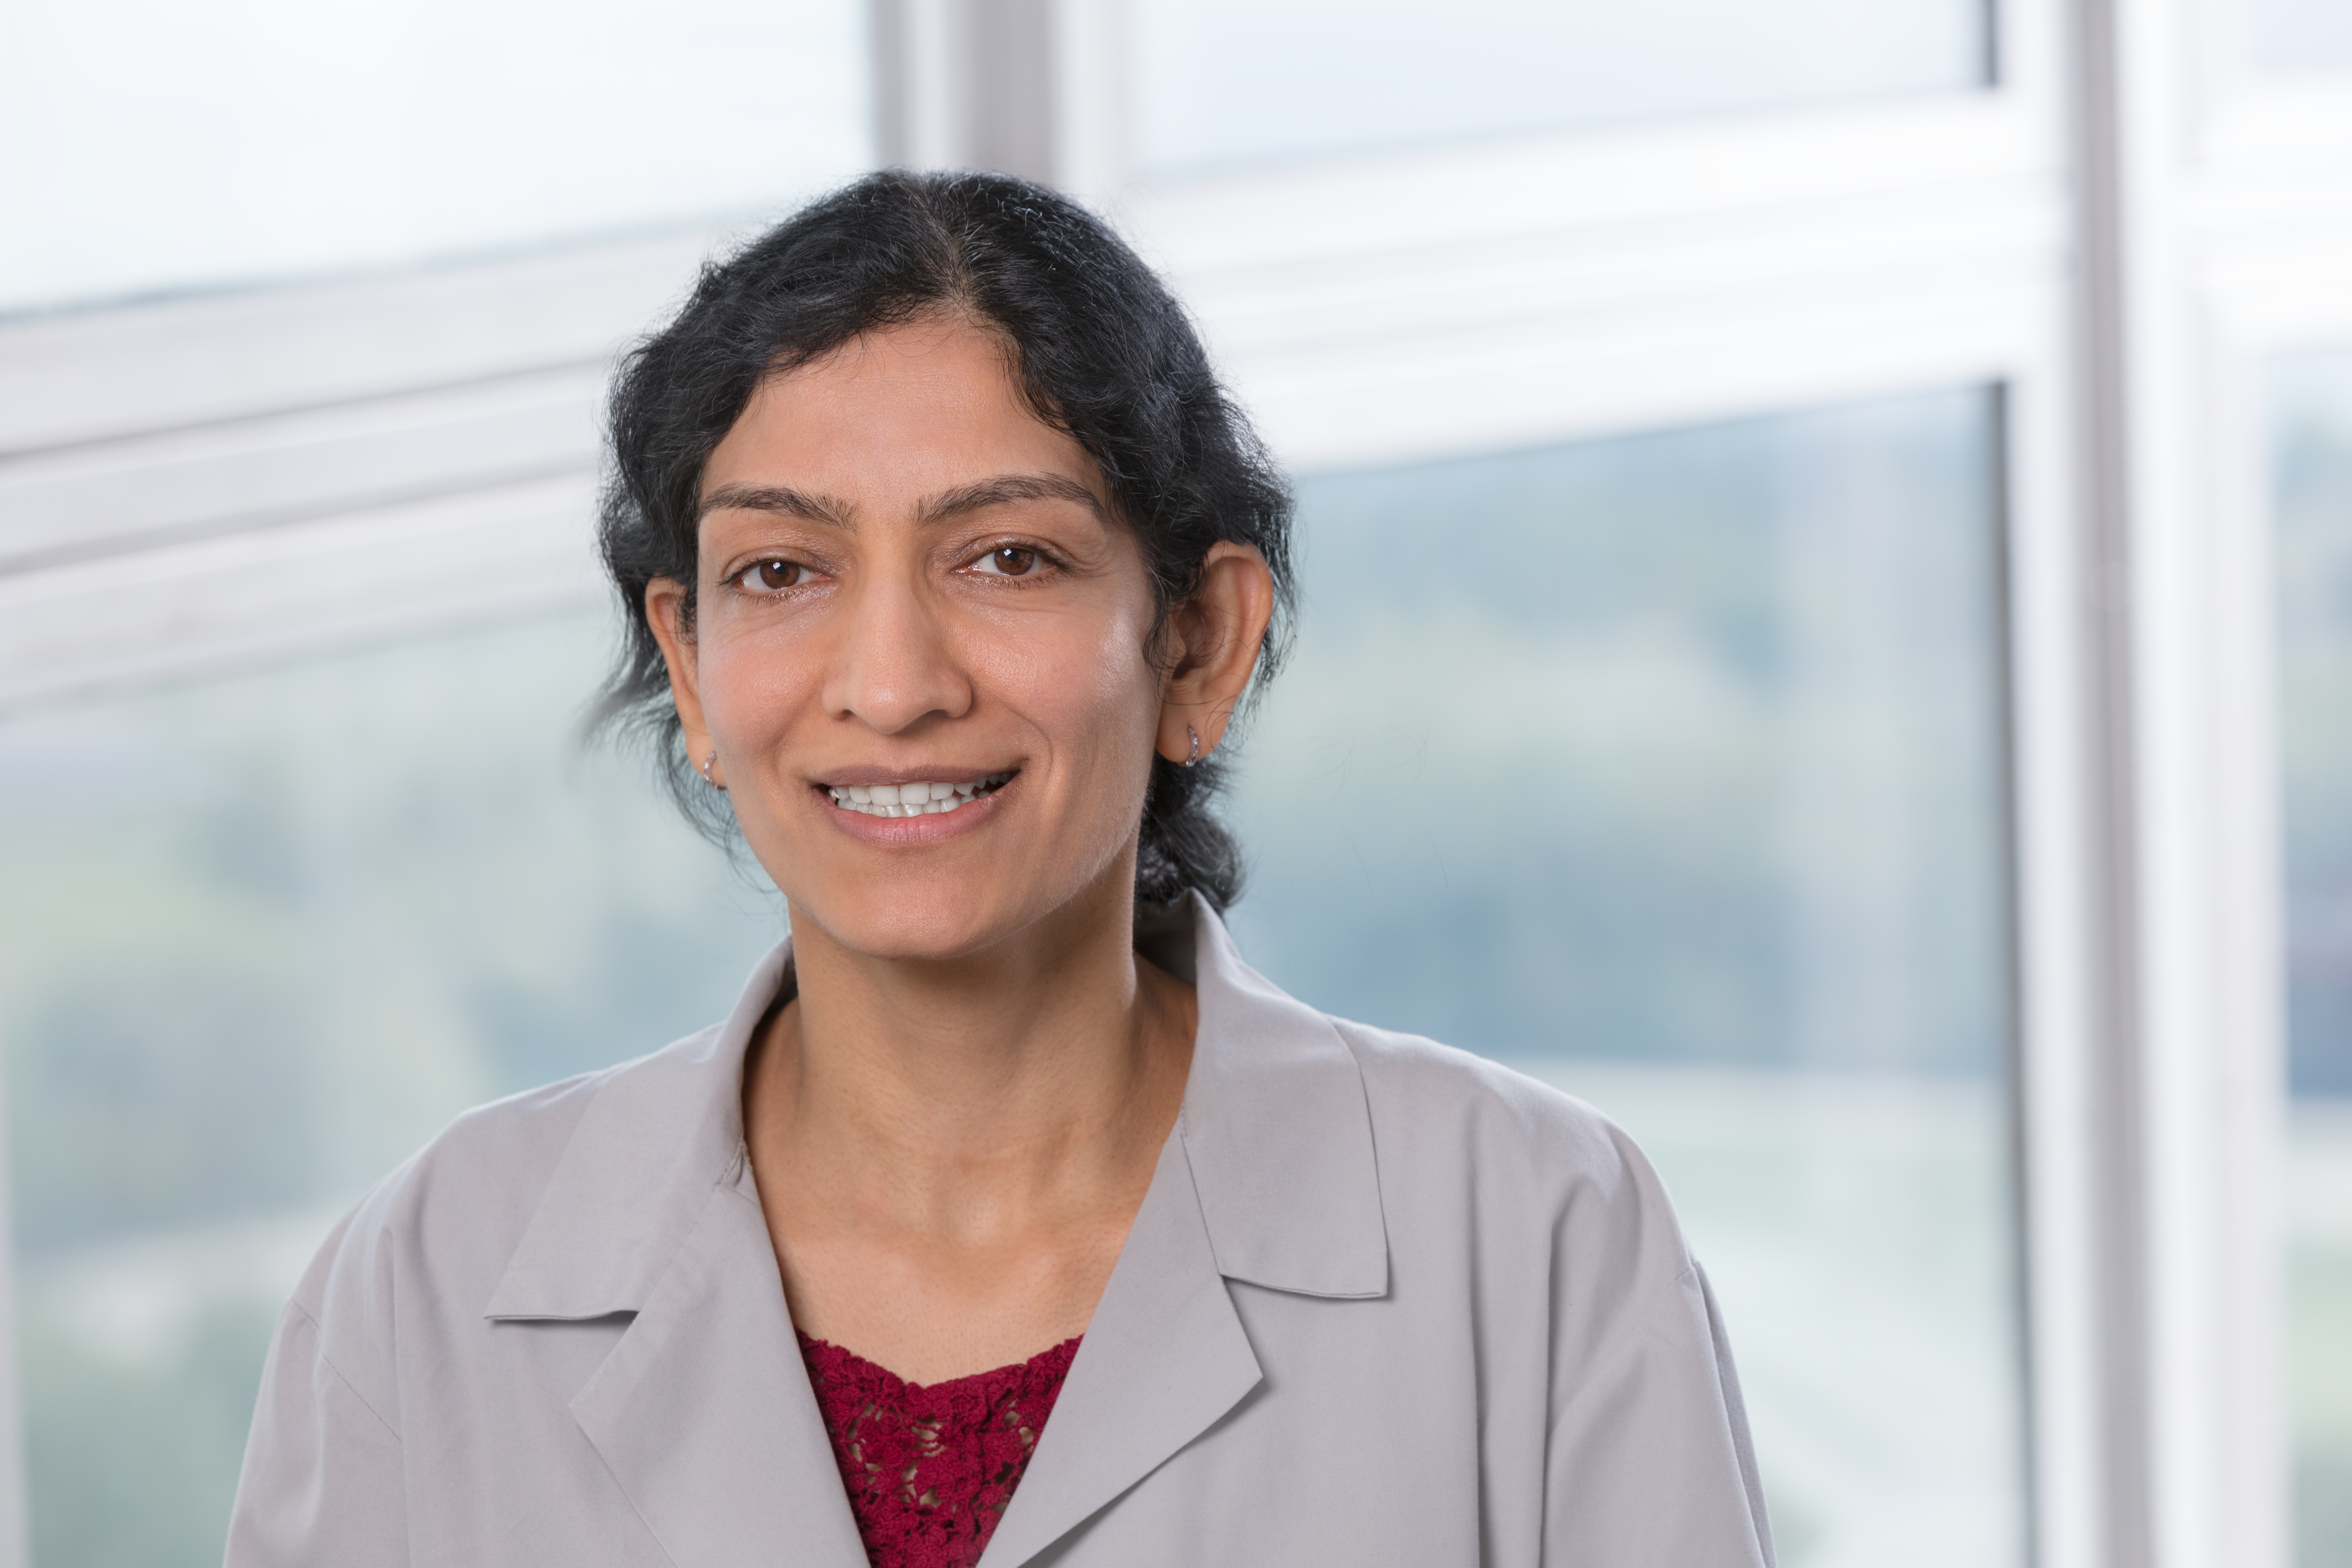 Dr. Sanjolee Mangat MD - Evanston, IL